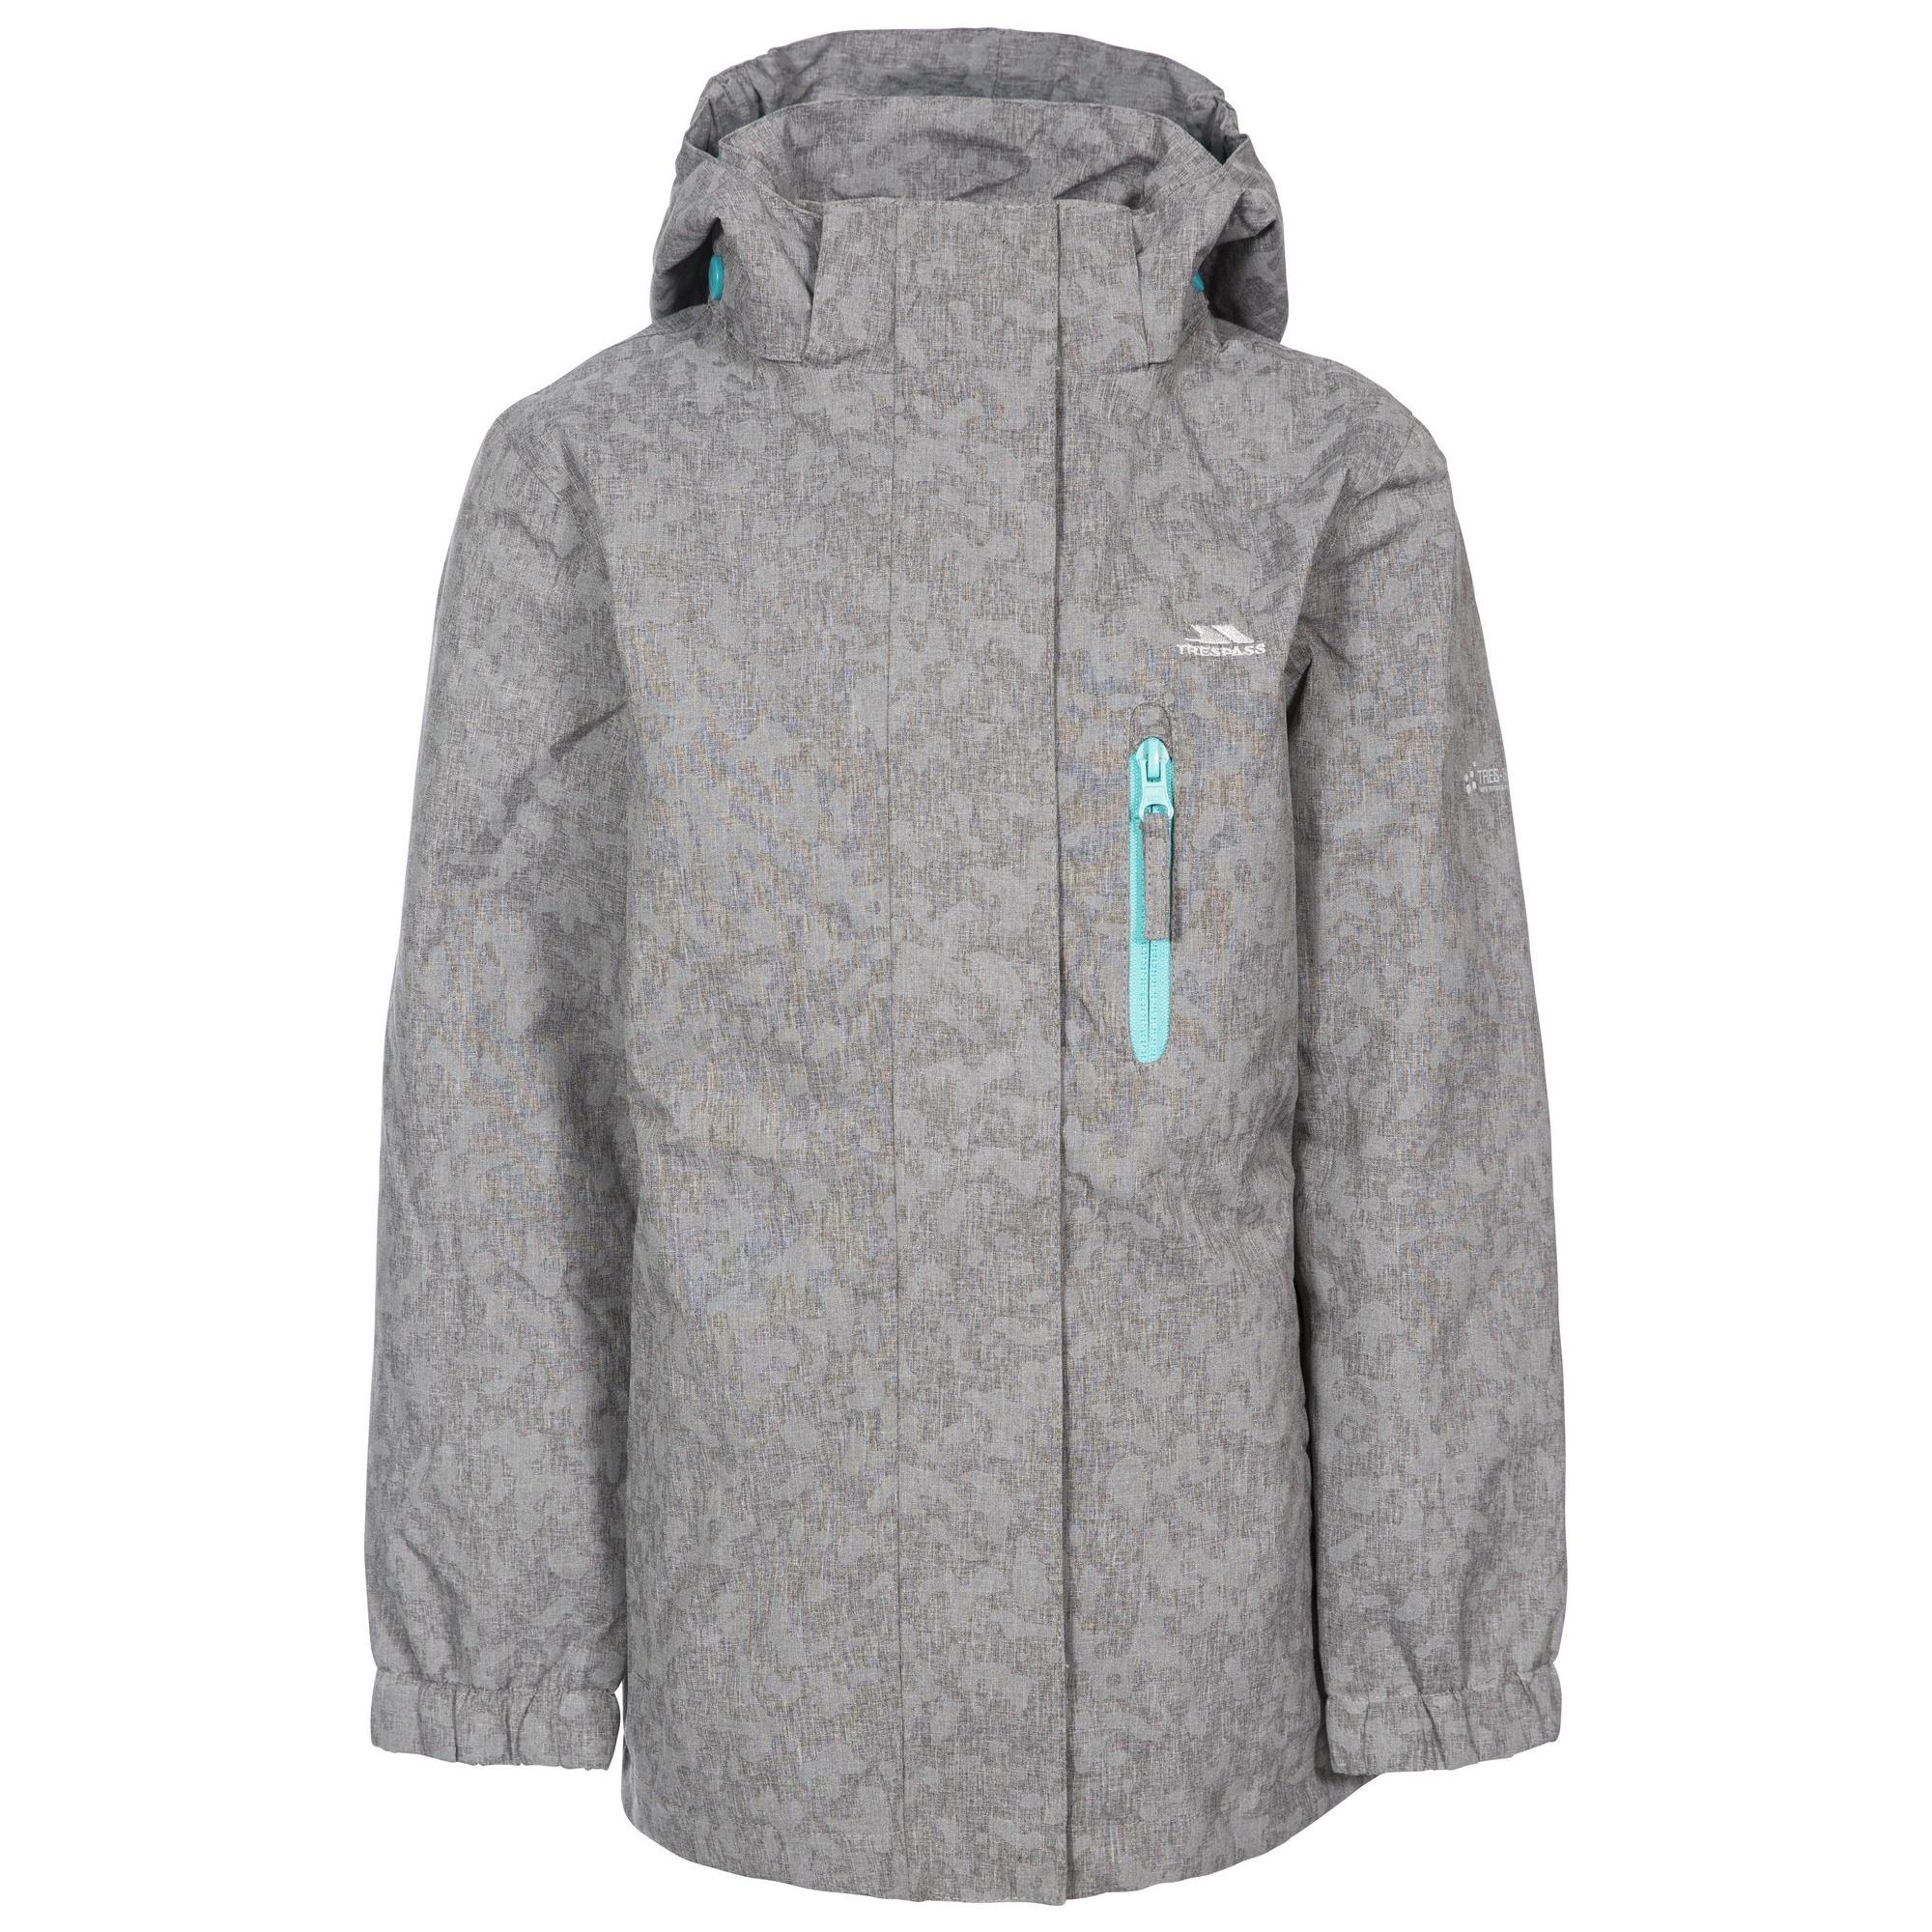 Trespass Childrens Girls Zoey Waterproof Jacket (2/3 Years) (Grey)